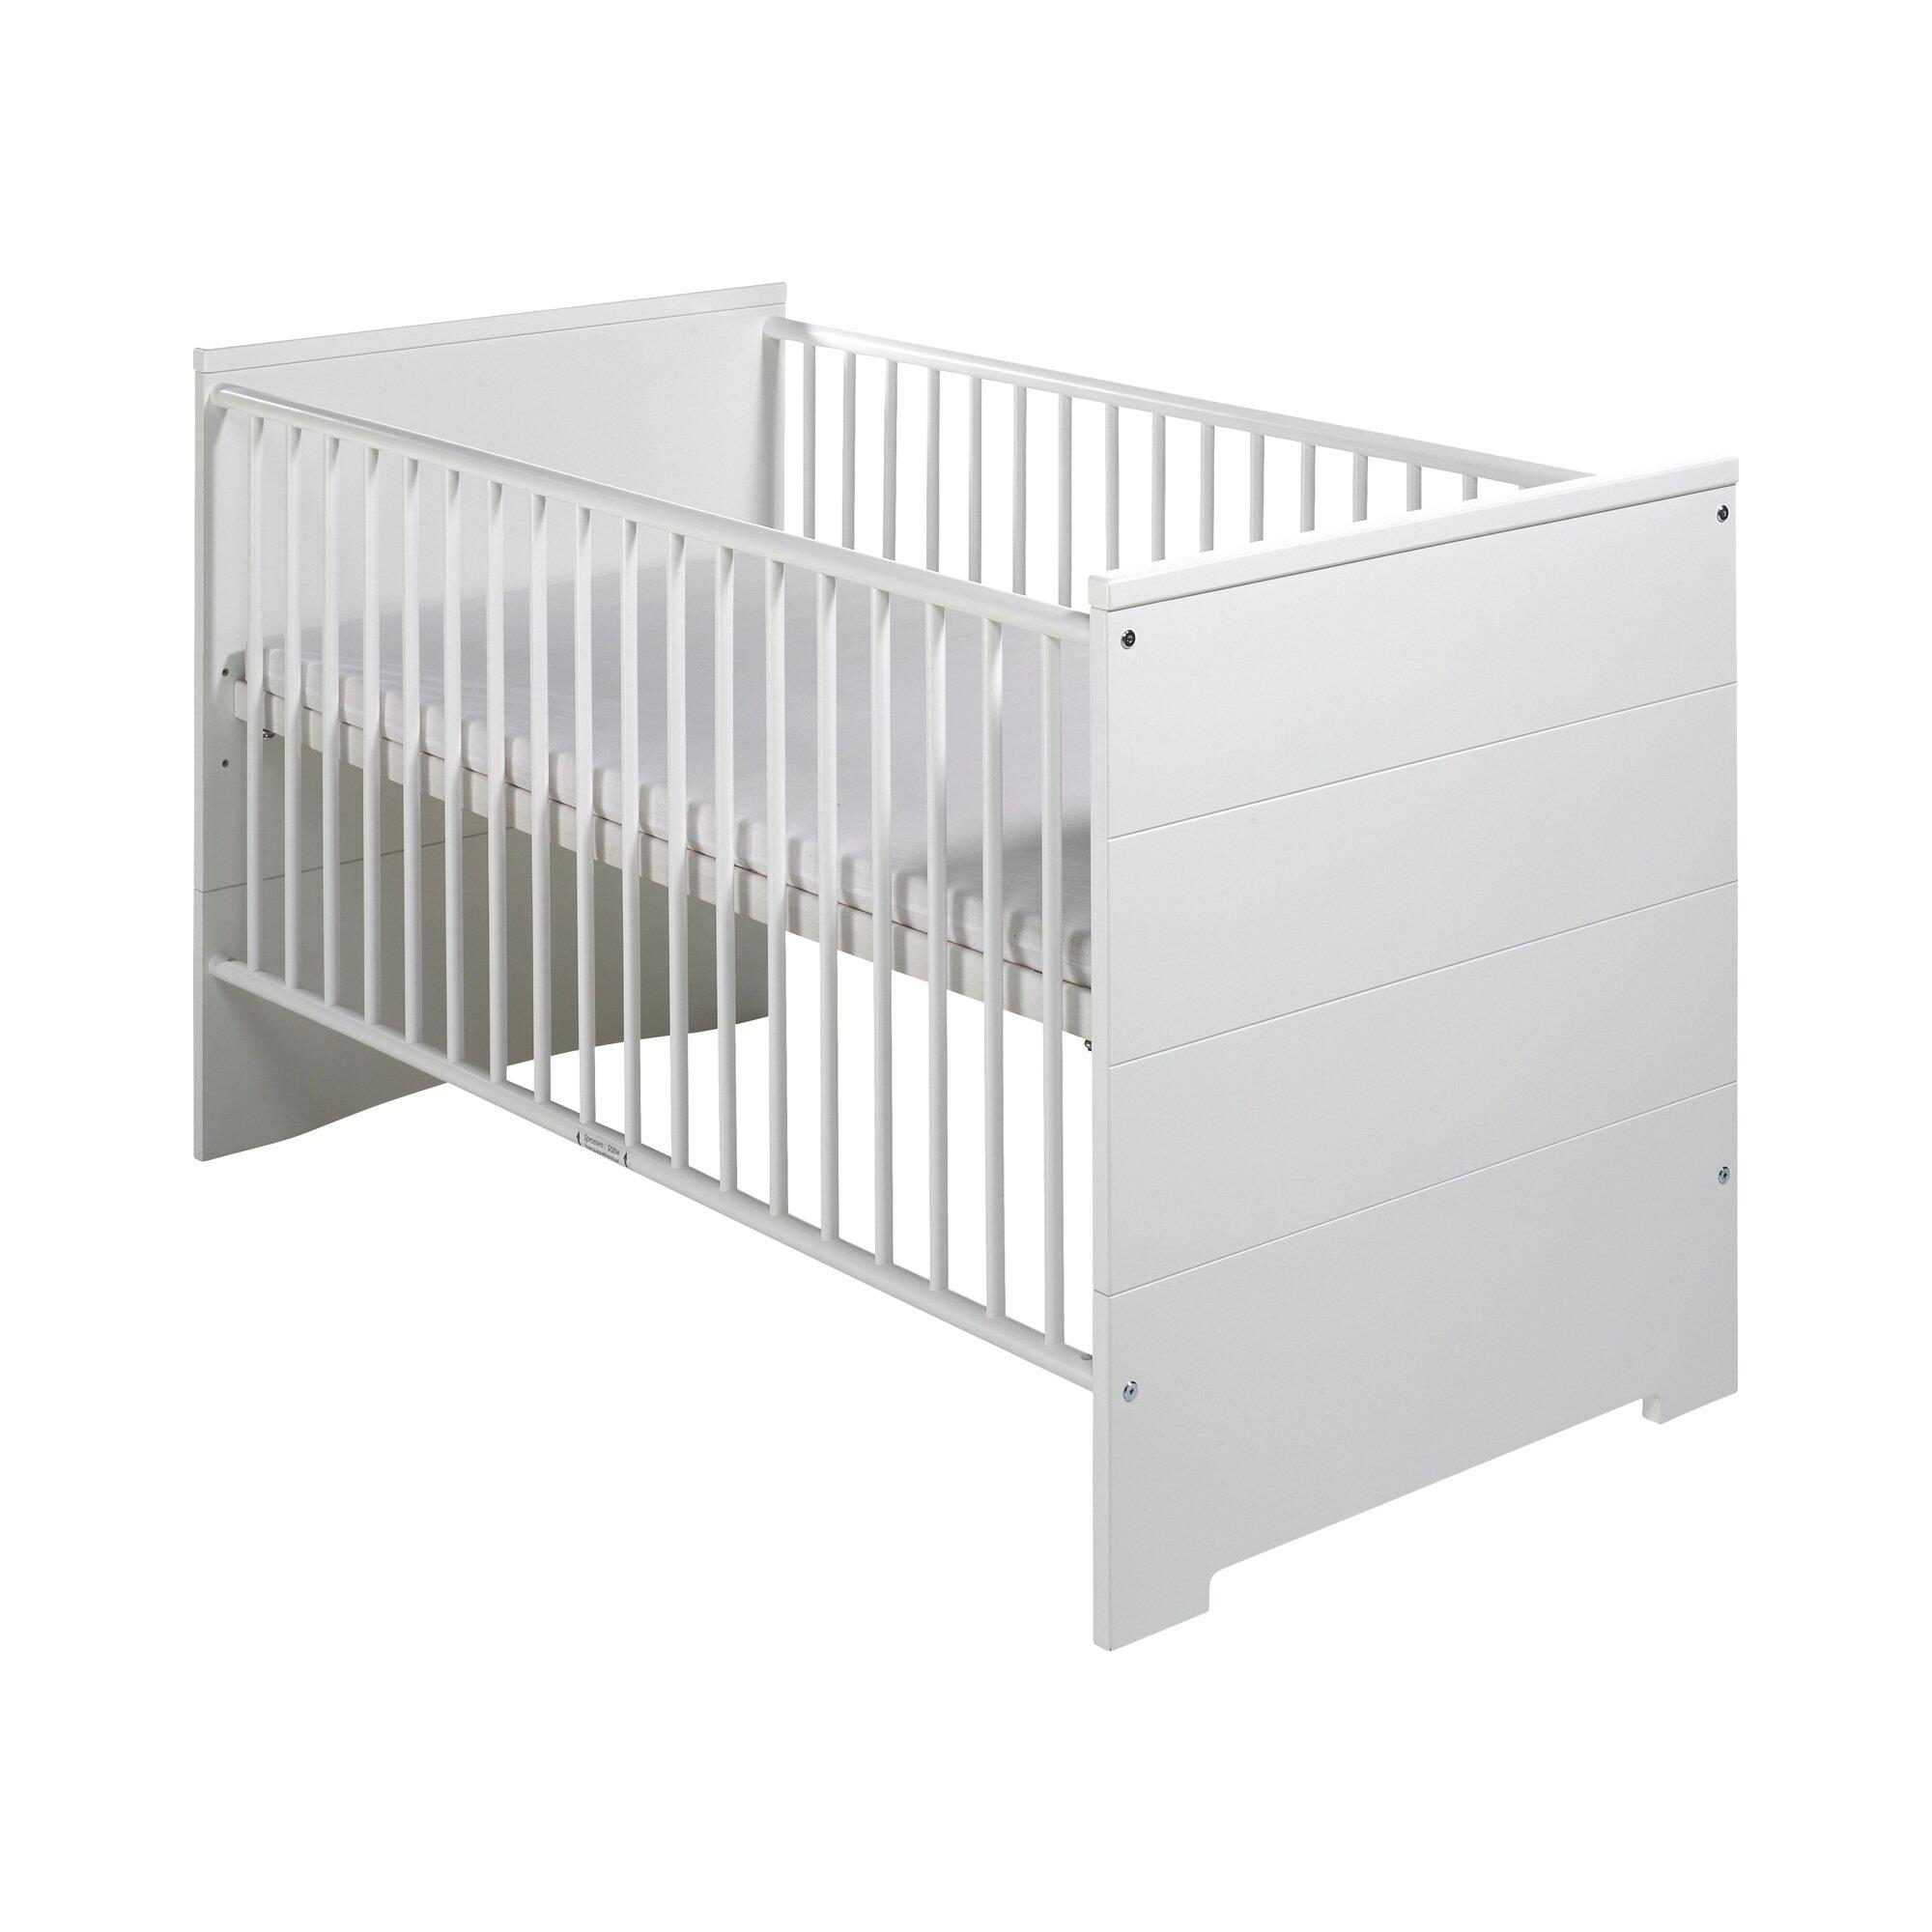 schardt-kinderzimmer-set-eco-stripe-bett-wickelkommode-schrank-3-trg-